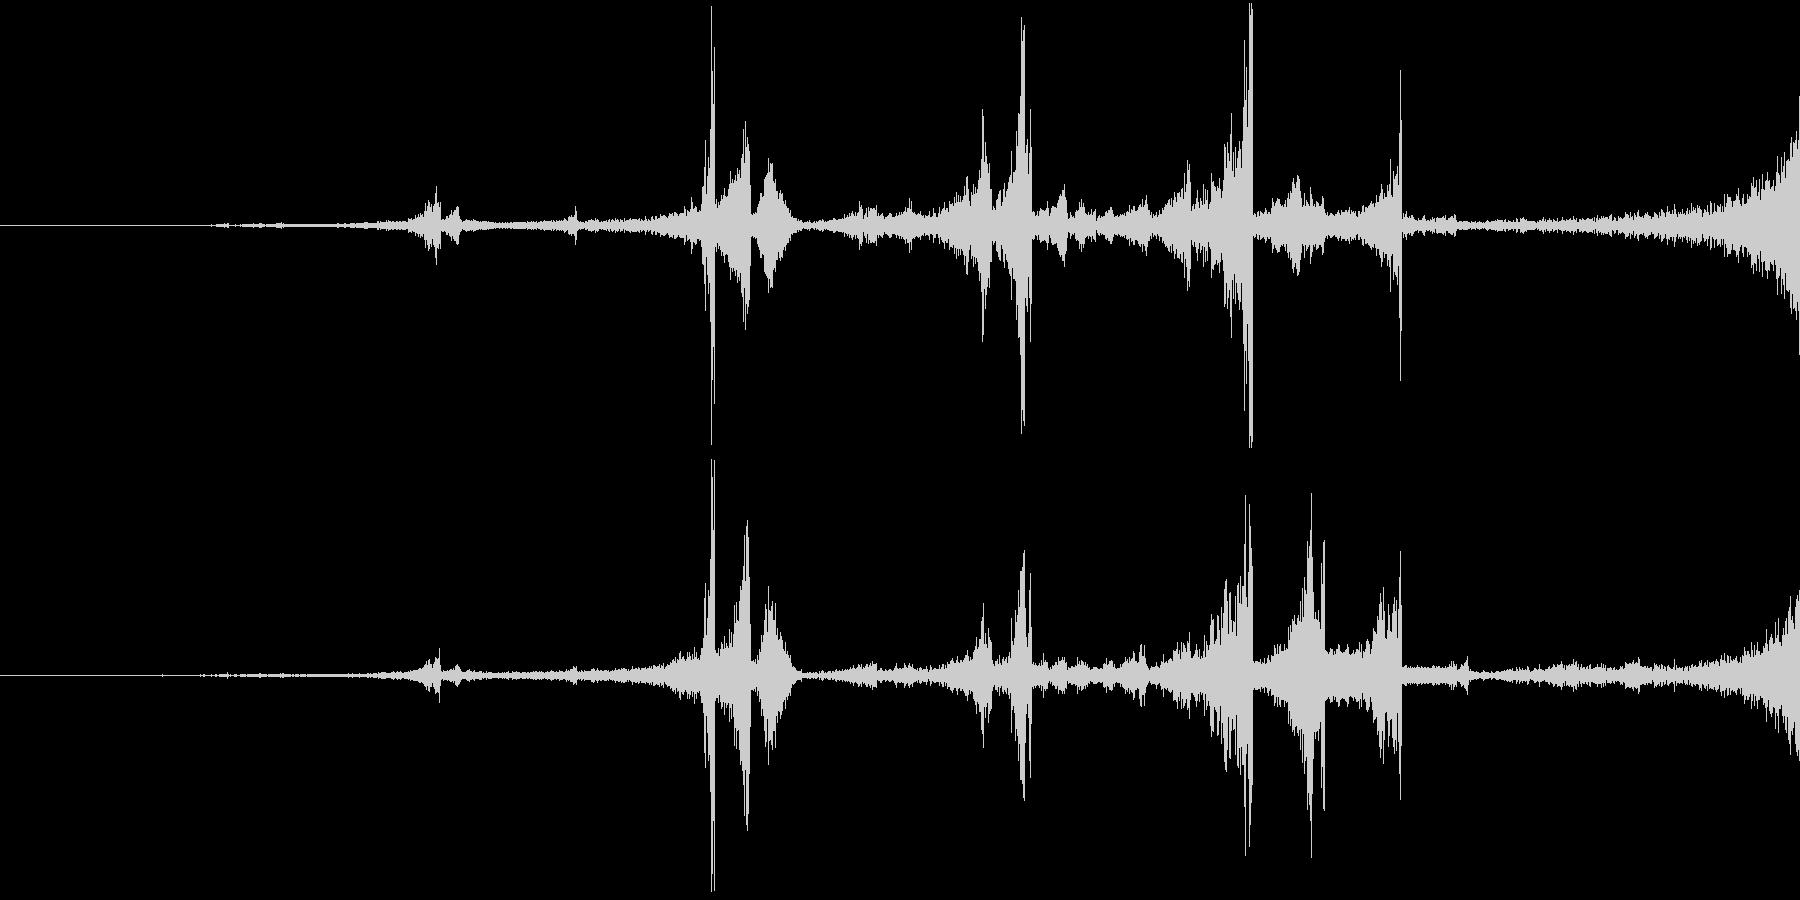 Zap 巻き戻し音・ザップ効果音 4の未再生の波形